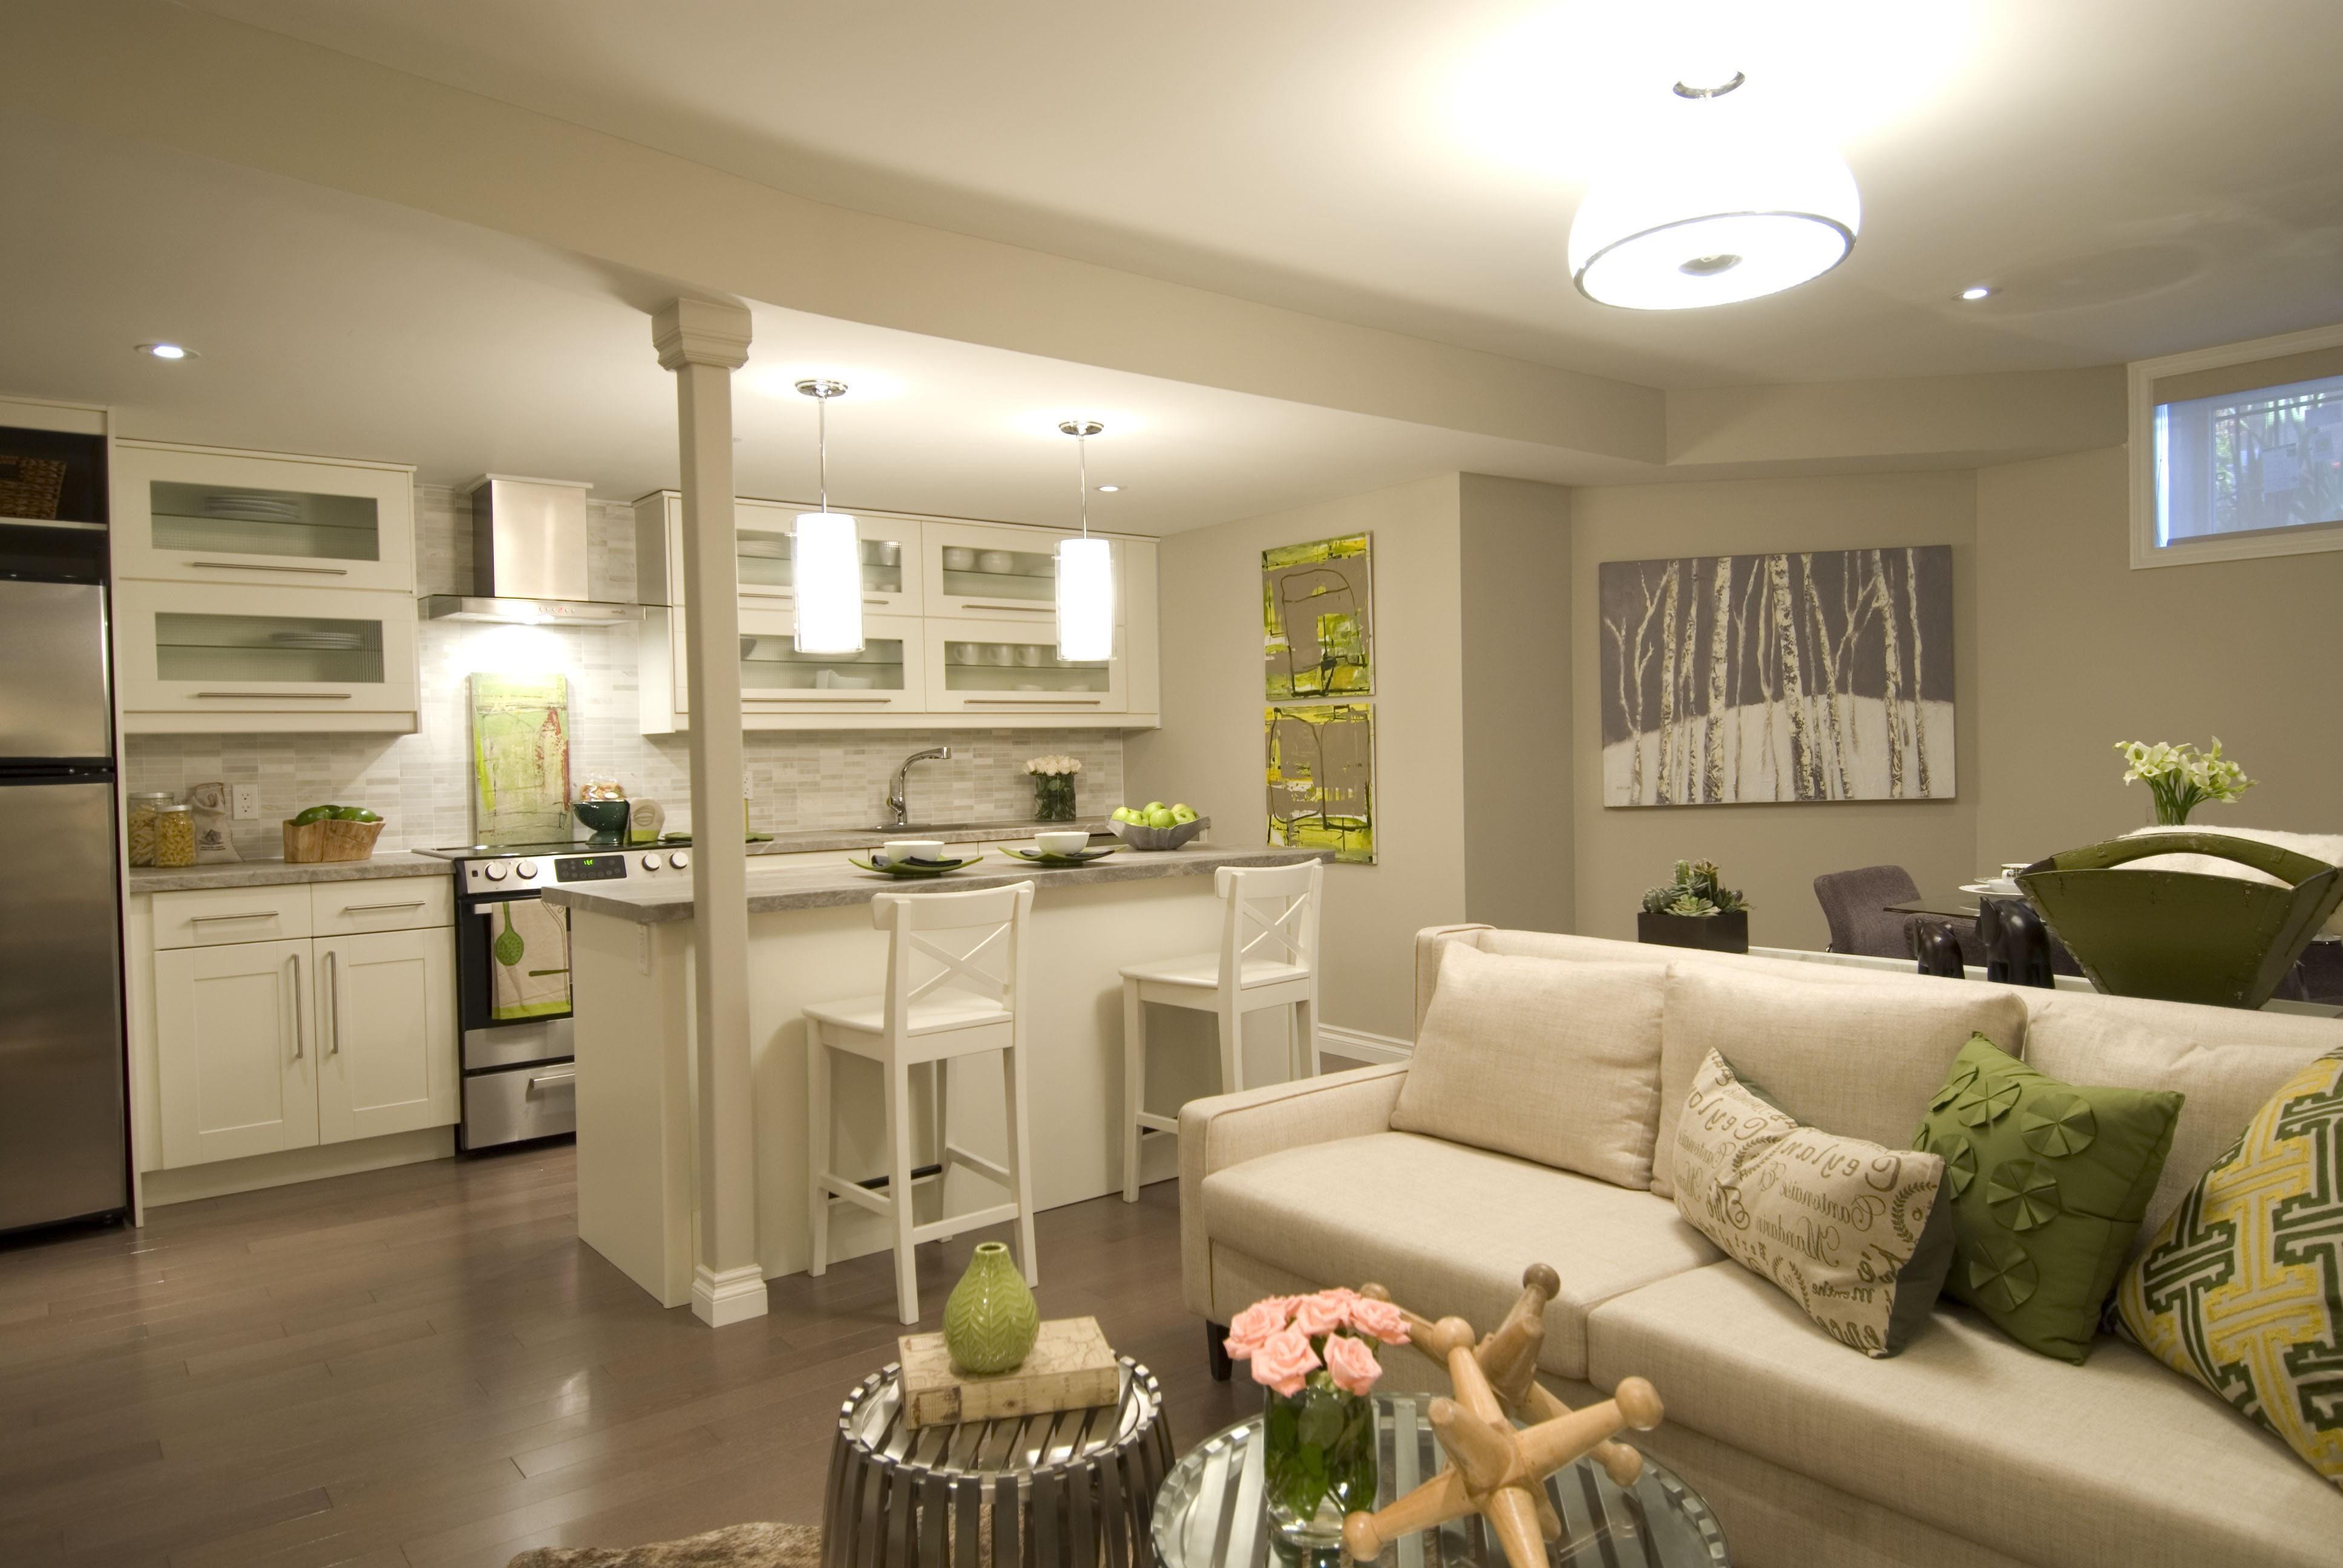 кухня совмещенная с залом дизайн